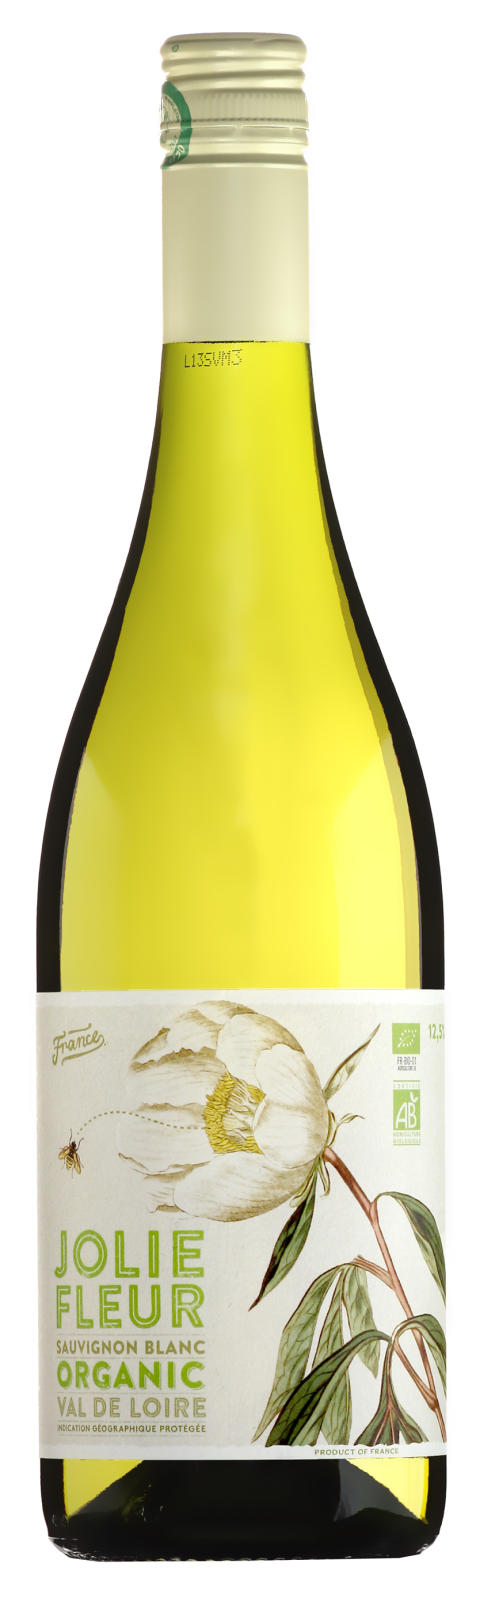 Jolie Fleur Sauvignon Blanc